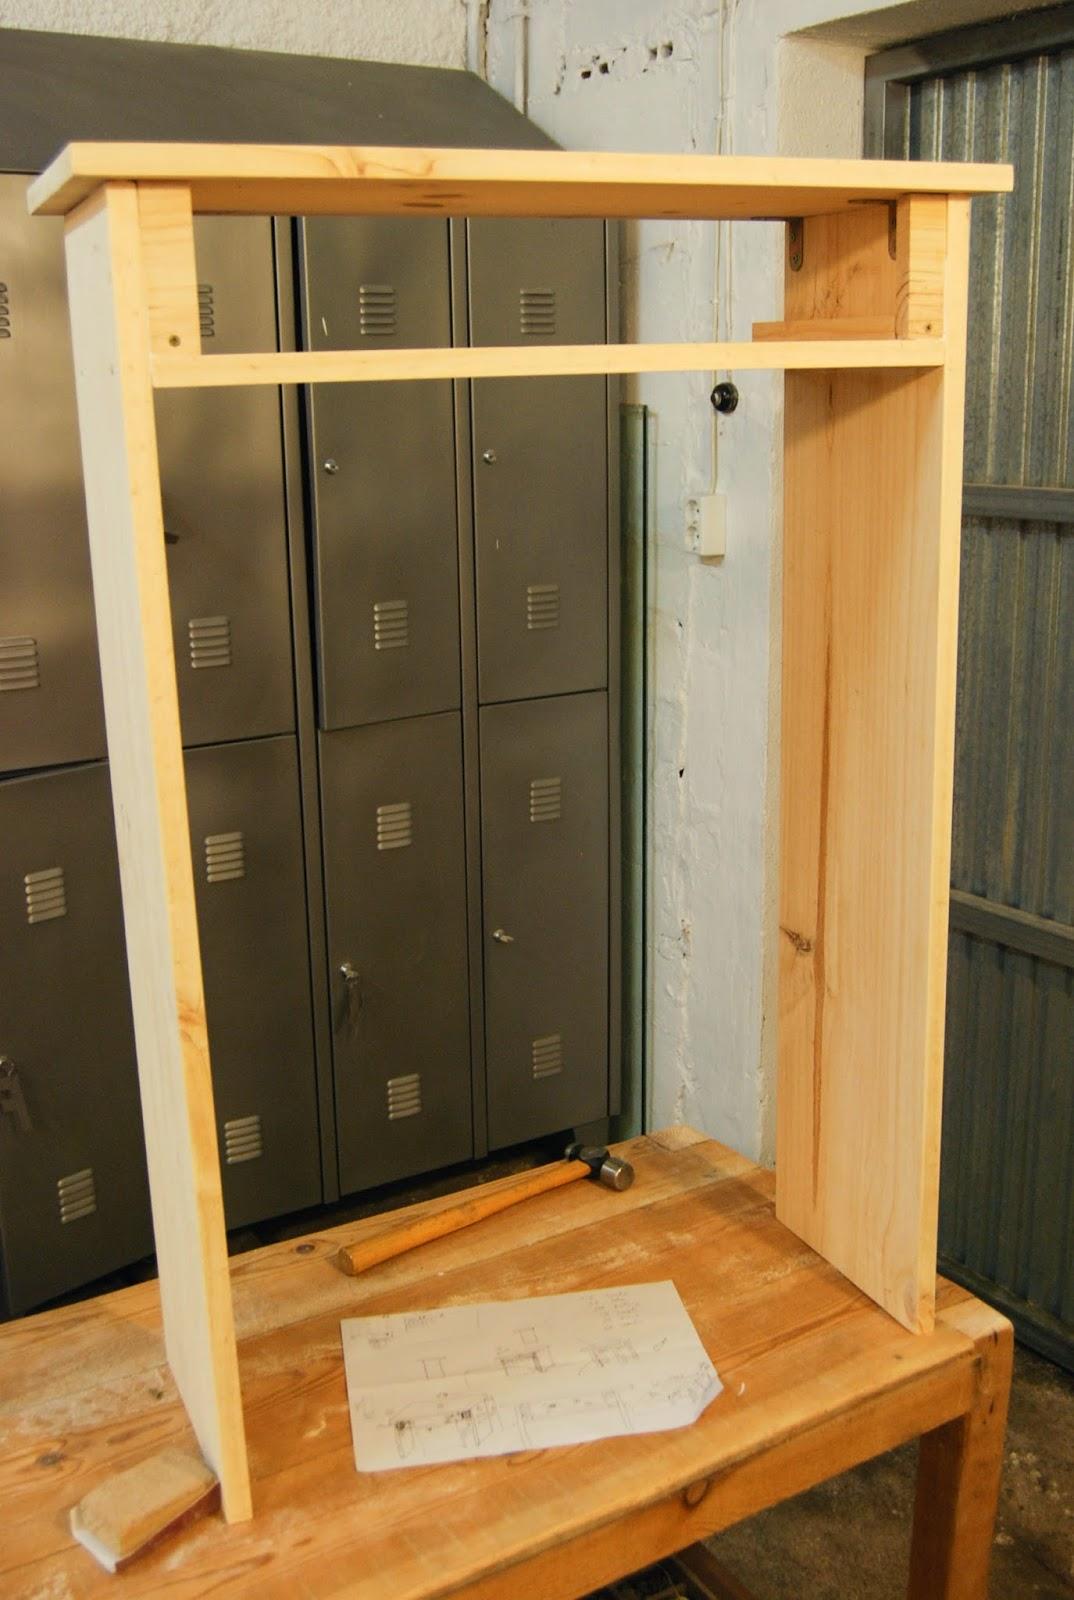 Una vez tenemos la estructura montada y comprovamos que el cajón abre